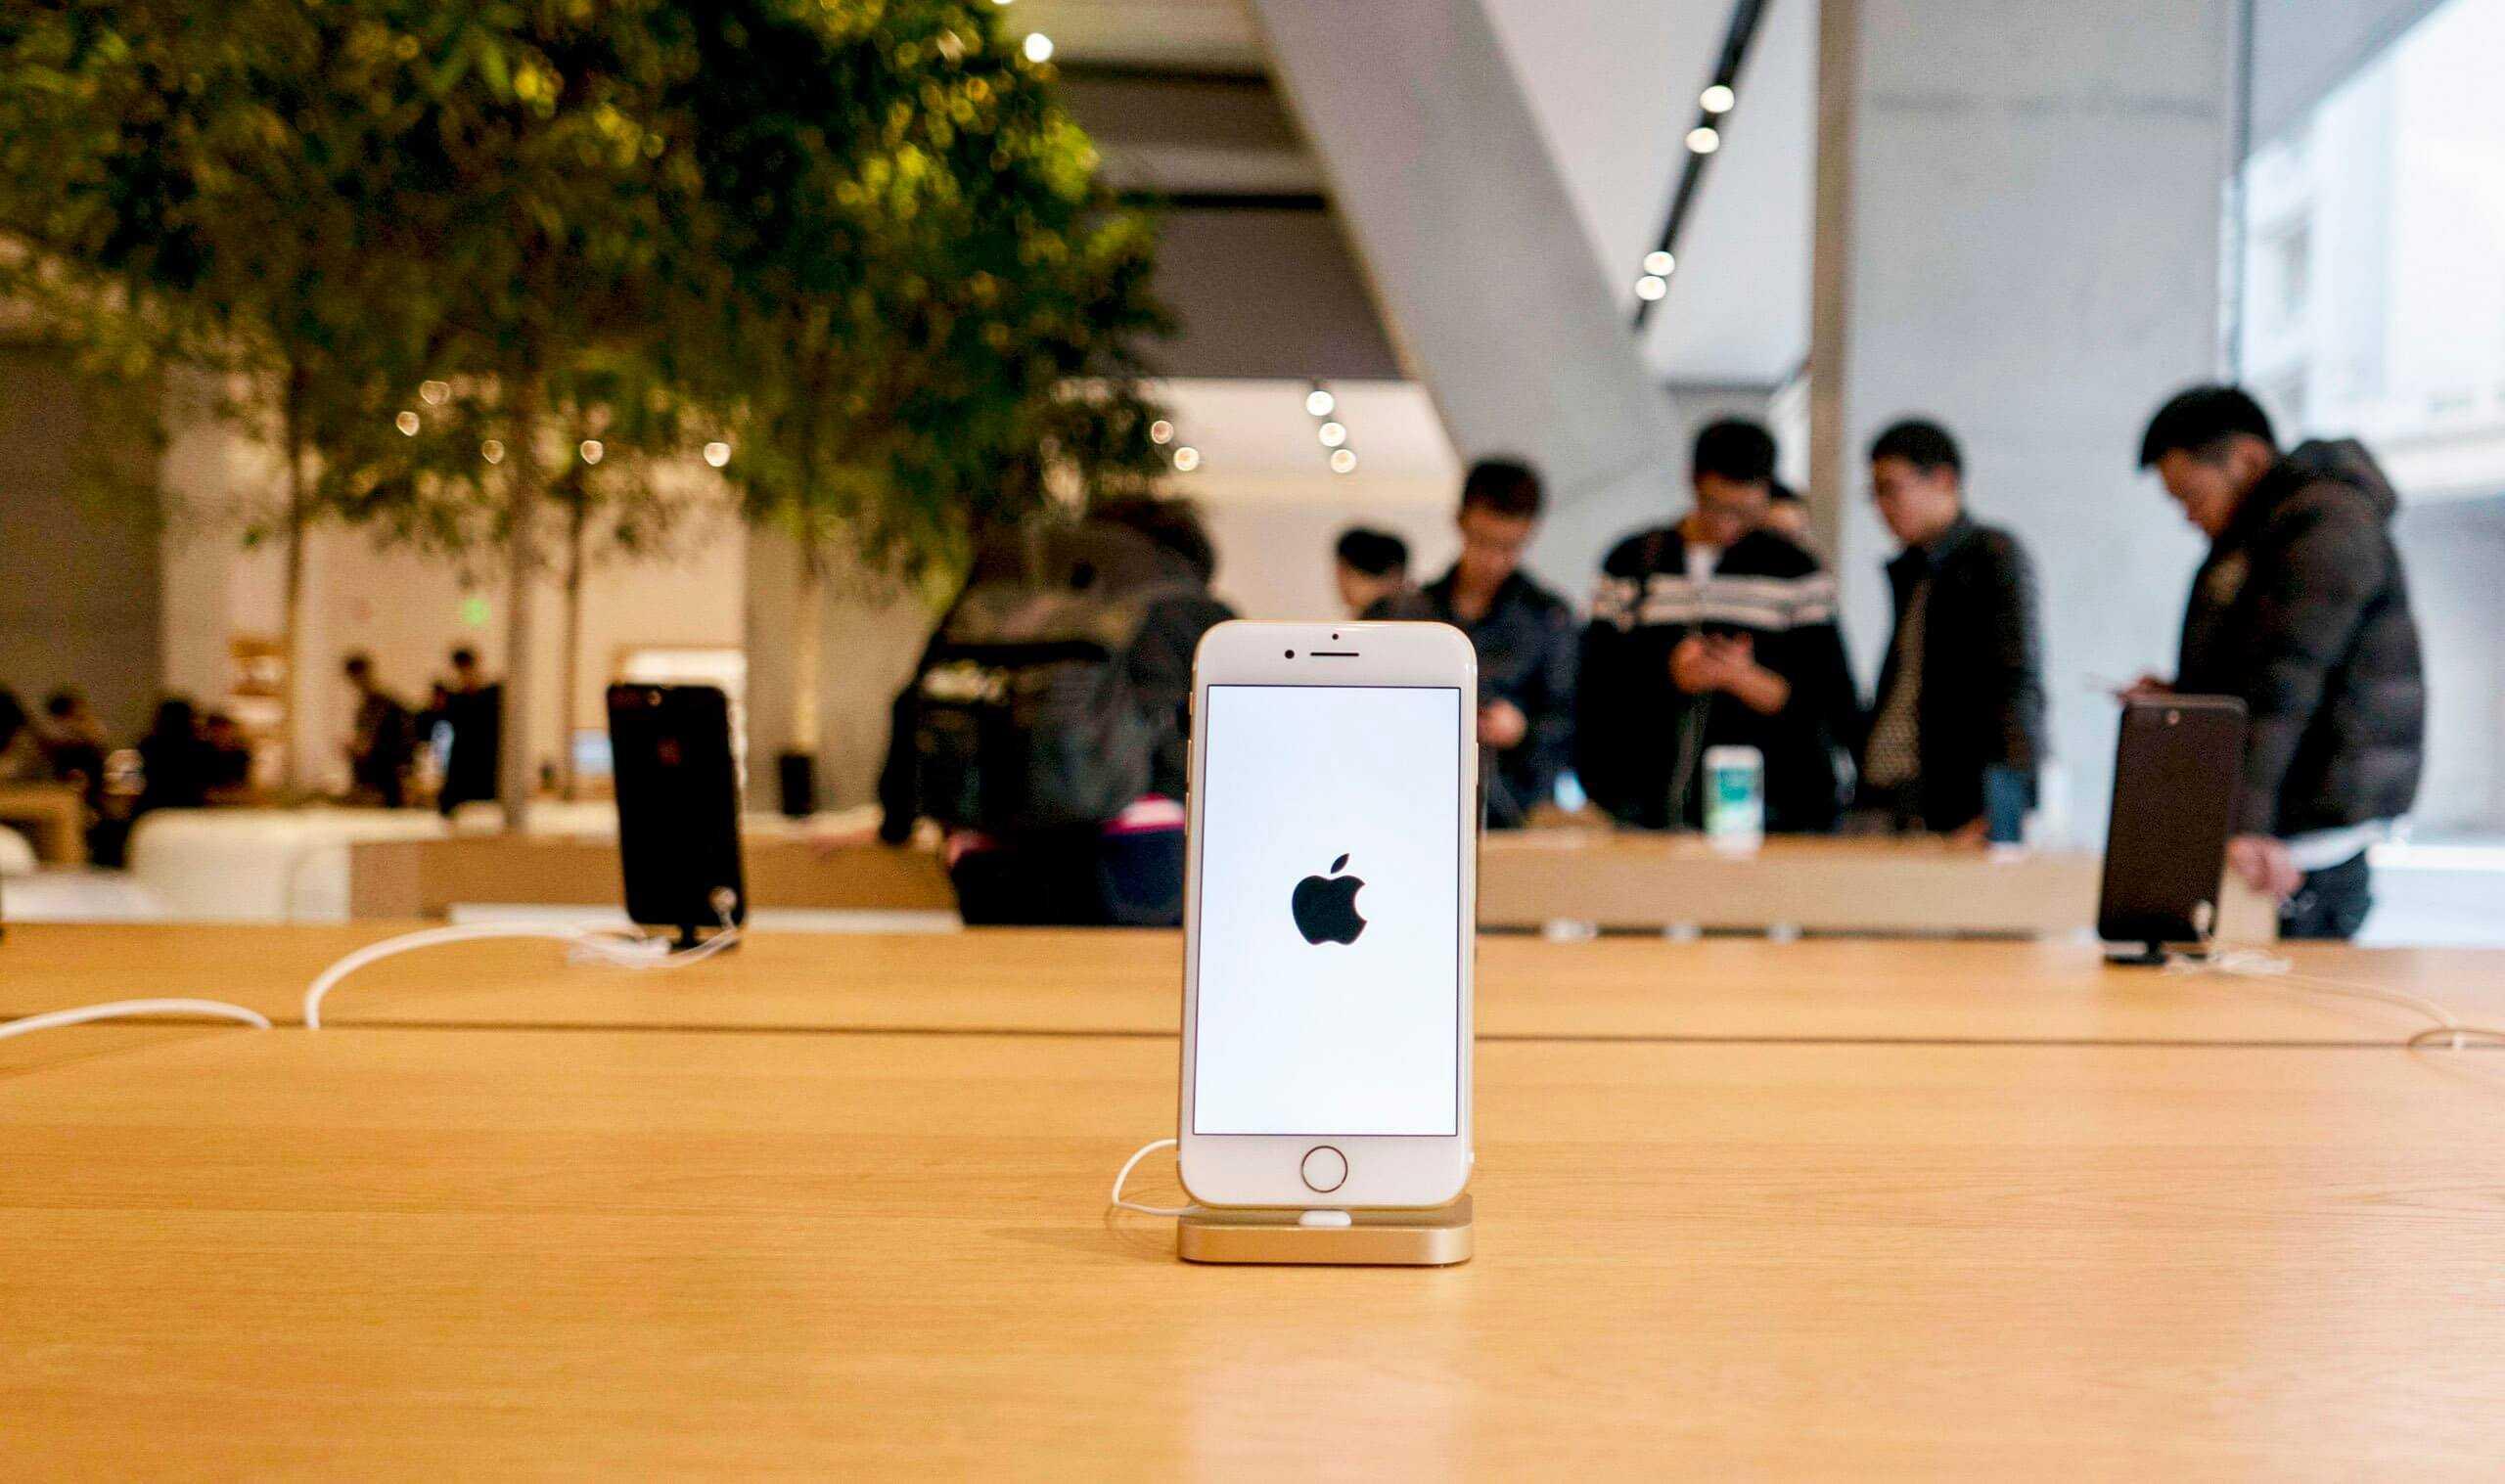 Обзор iphone 12 pro: самый мощный смартфон 2020 года?. cтатьи, тесты, обзоры